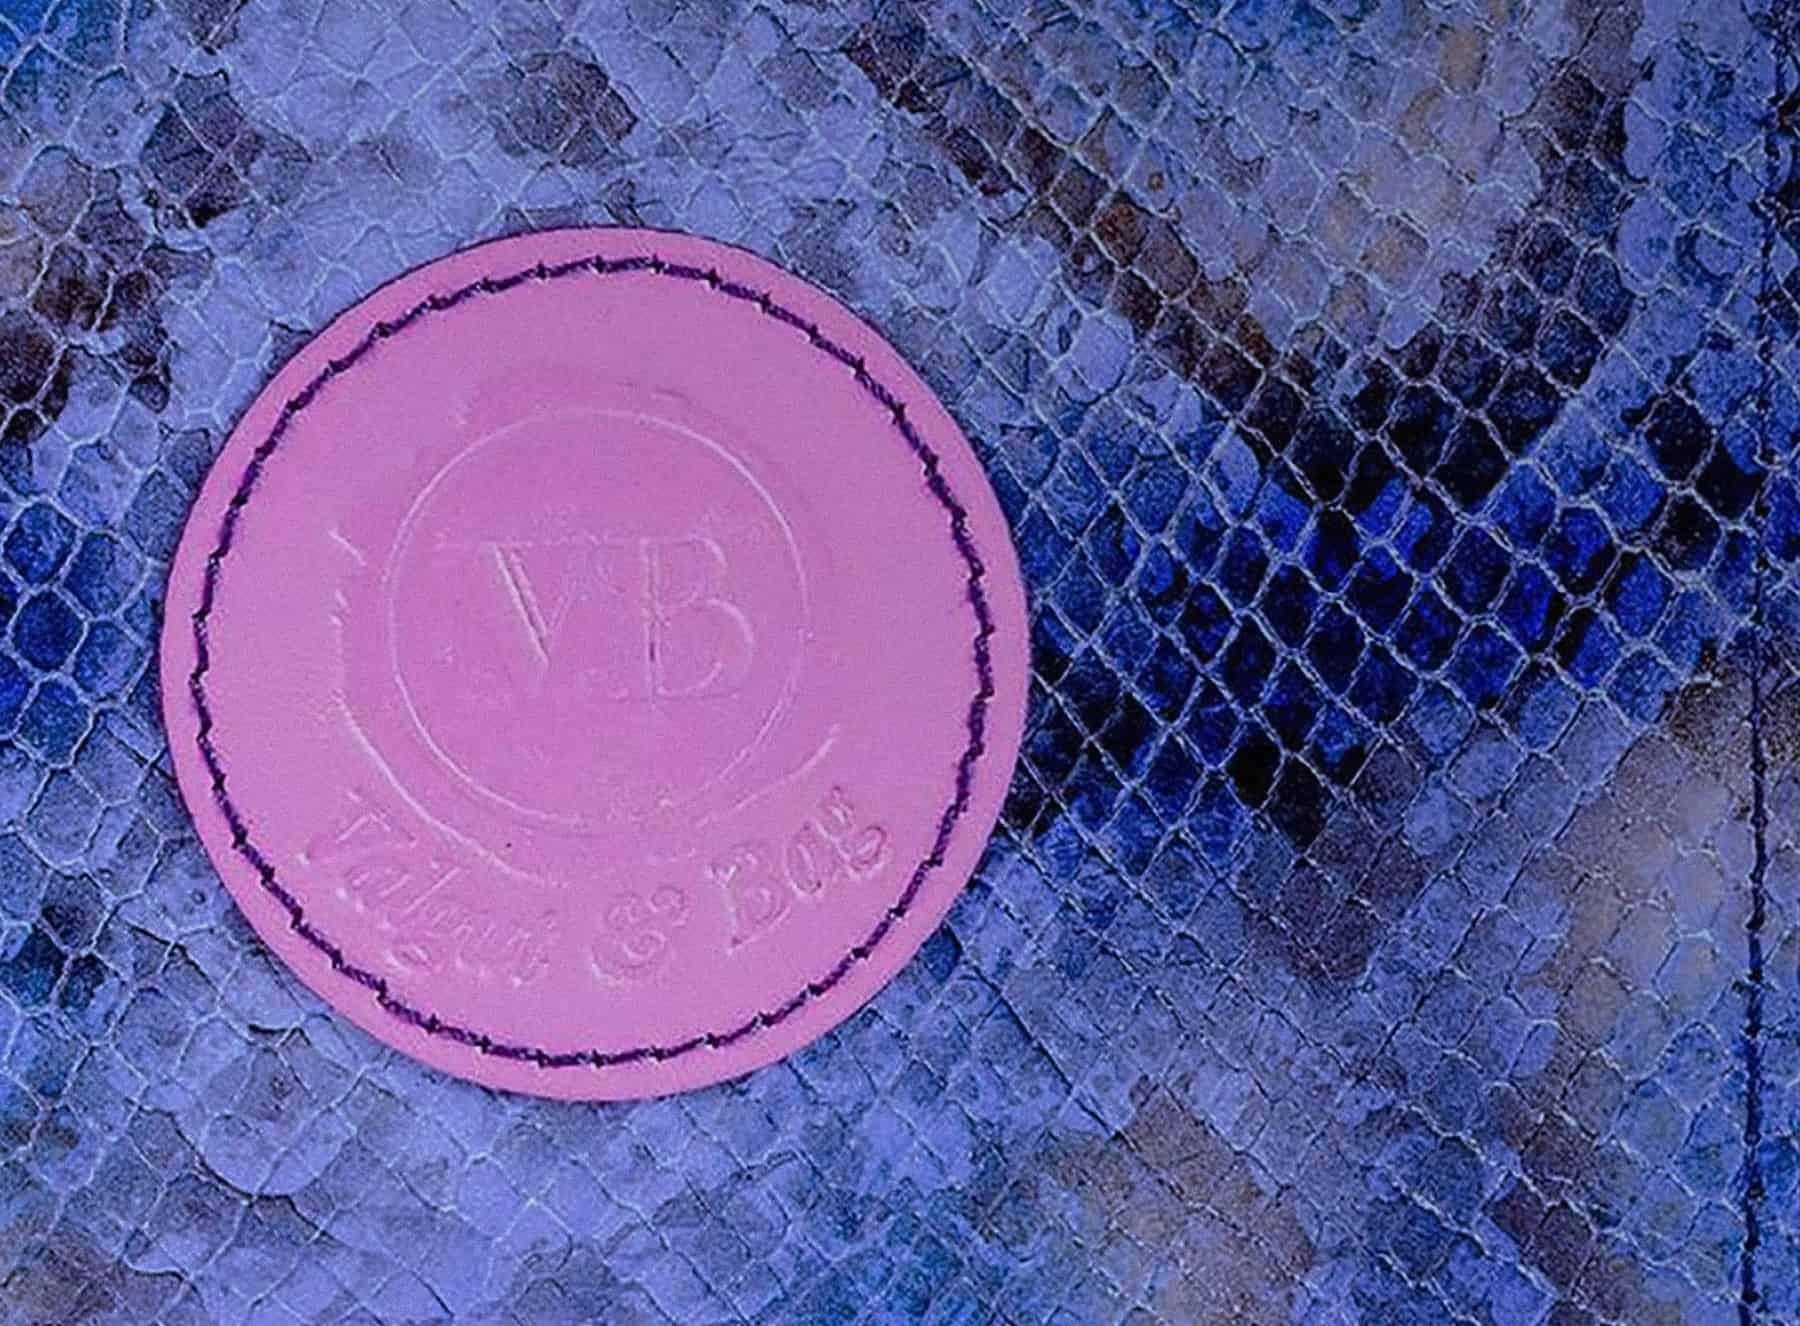 Detalle del sello de una Cartera de Piel de serpiente azul y negra